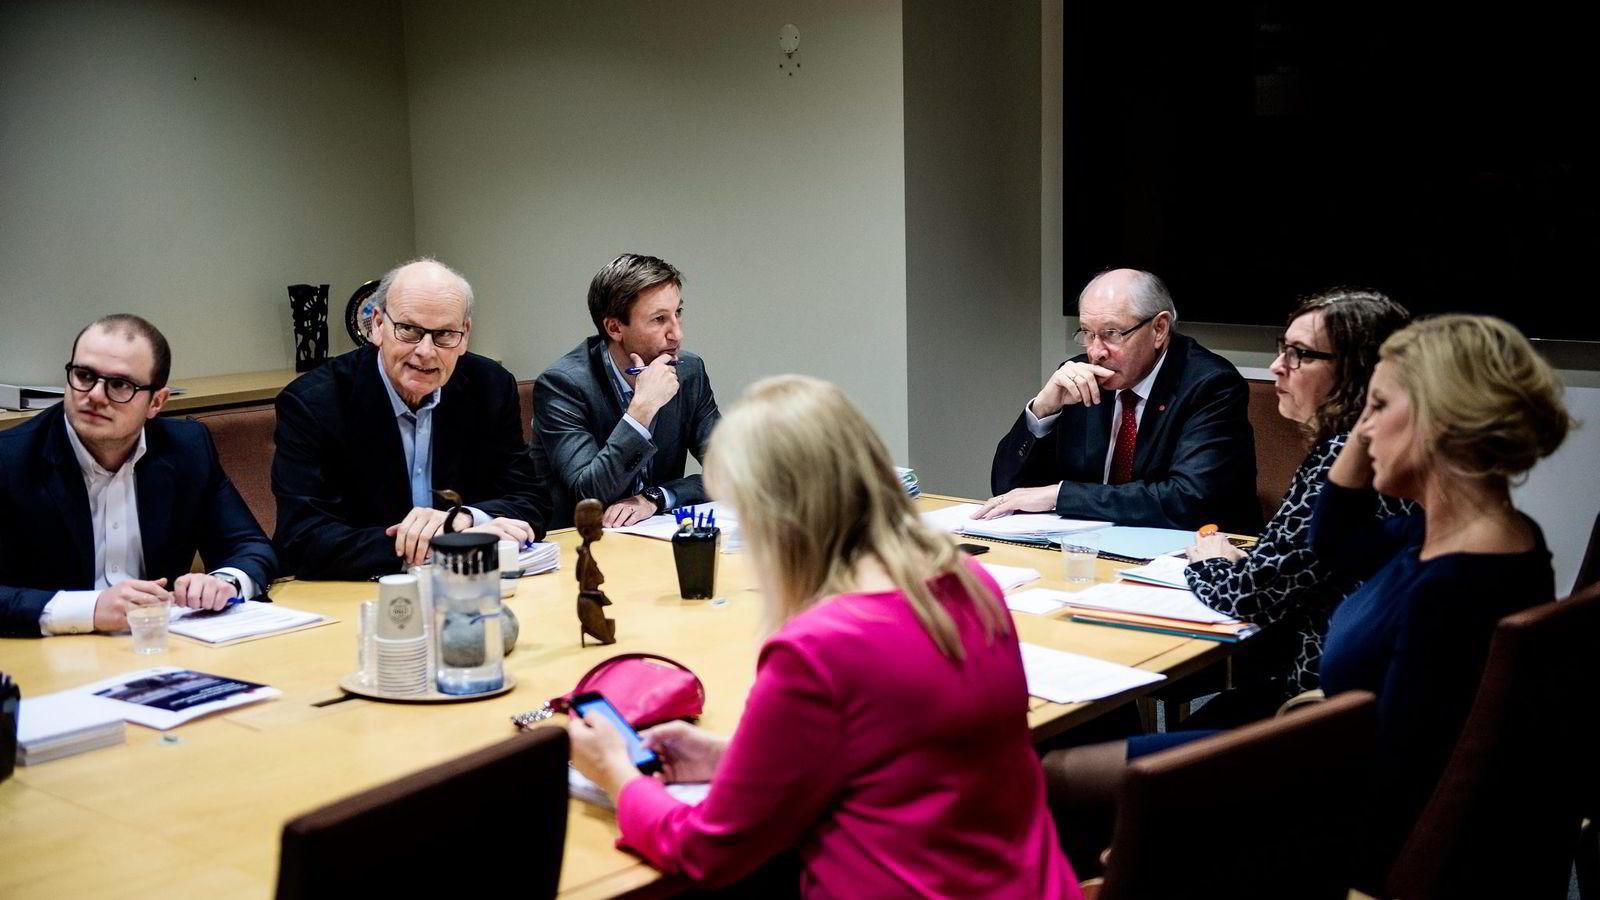 Stortingets kontroll- konstitusjonskomité skal ikke granske Telenor. Den skal bare forberede Stortingets kontroll med forvaltningen, skriver artikkelforfatteren. Her diskuterer komiteen eventuelle nye høringer om Vimpelcom-saken 3. november.